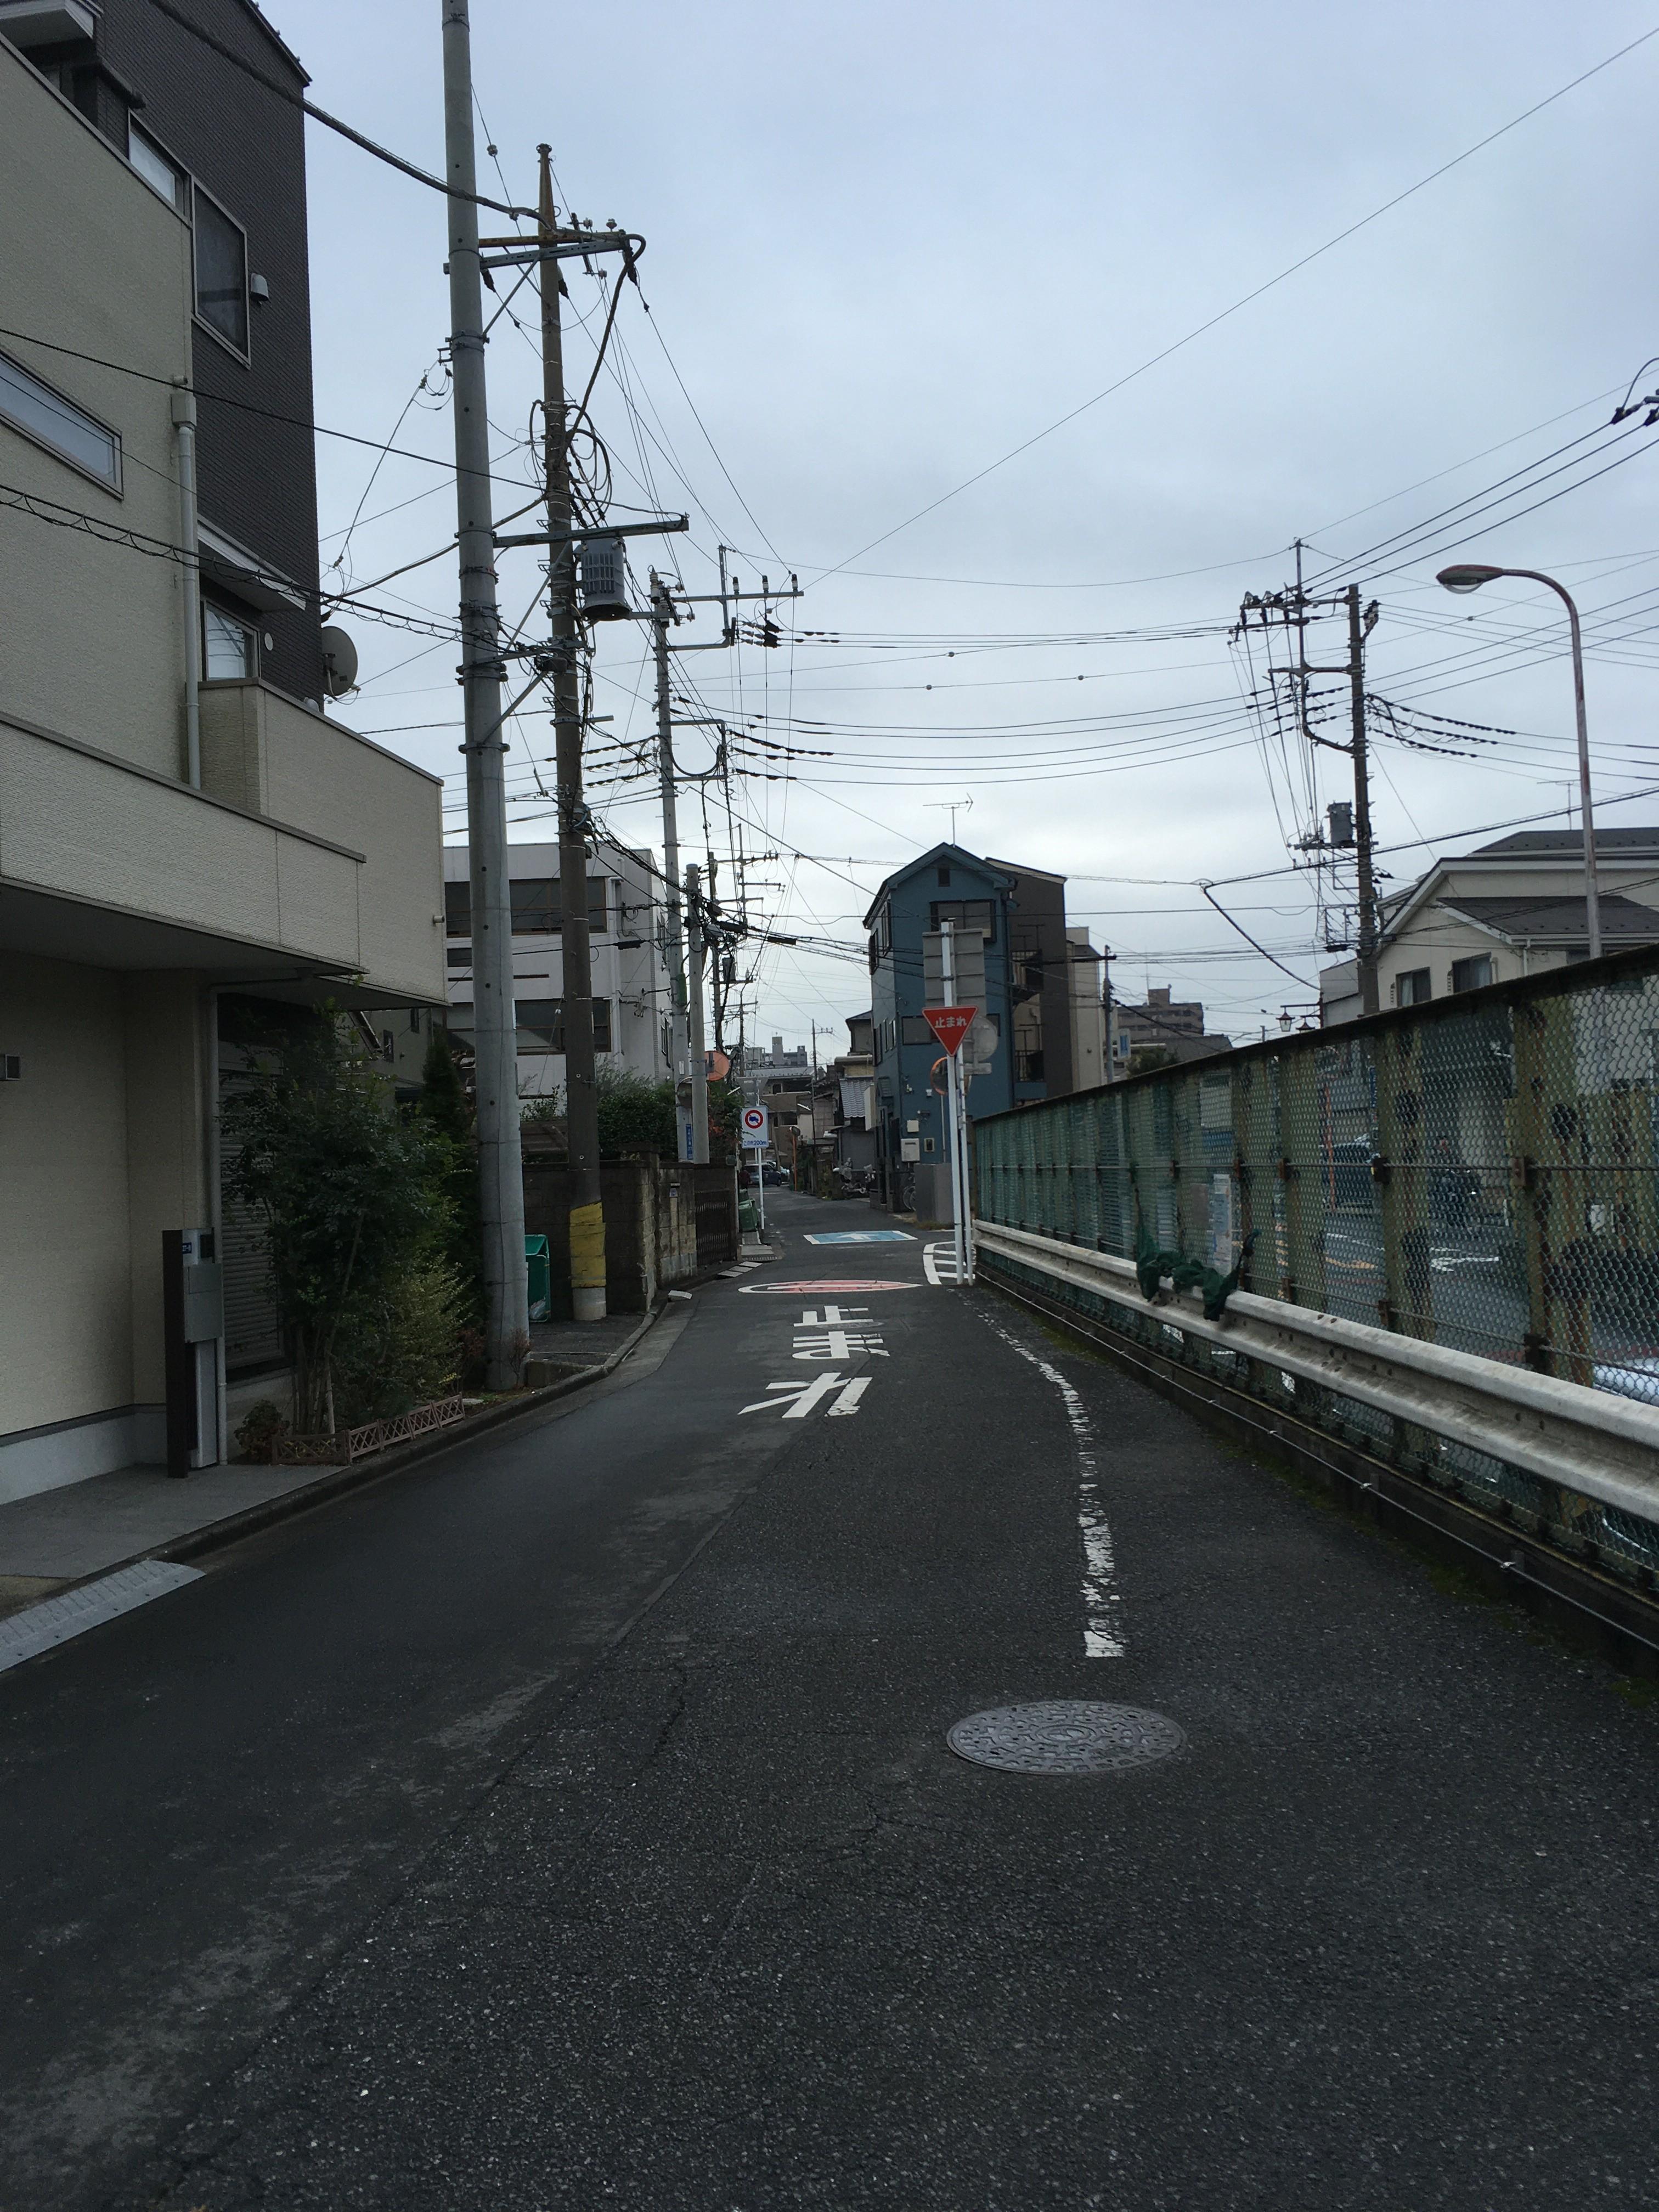 公園通り本町隊道(東武東上線高架下)側道